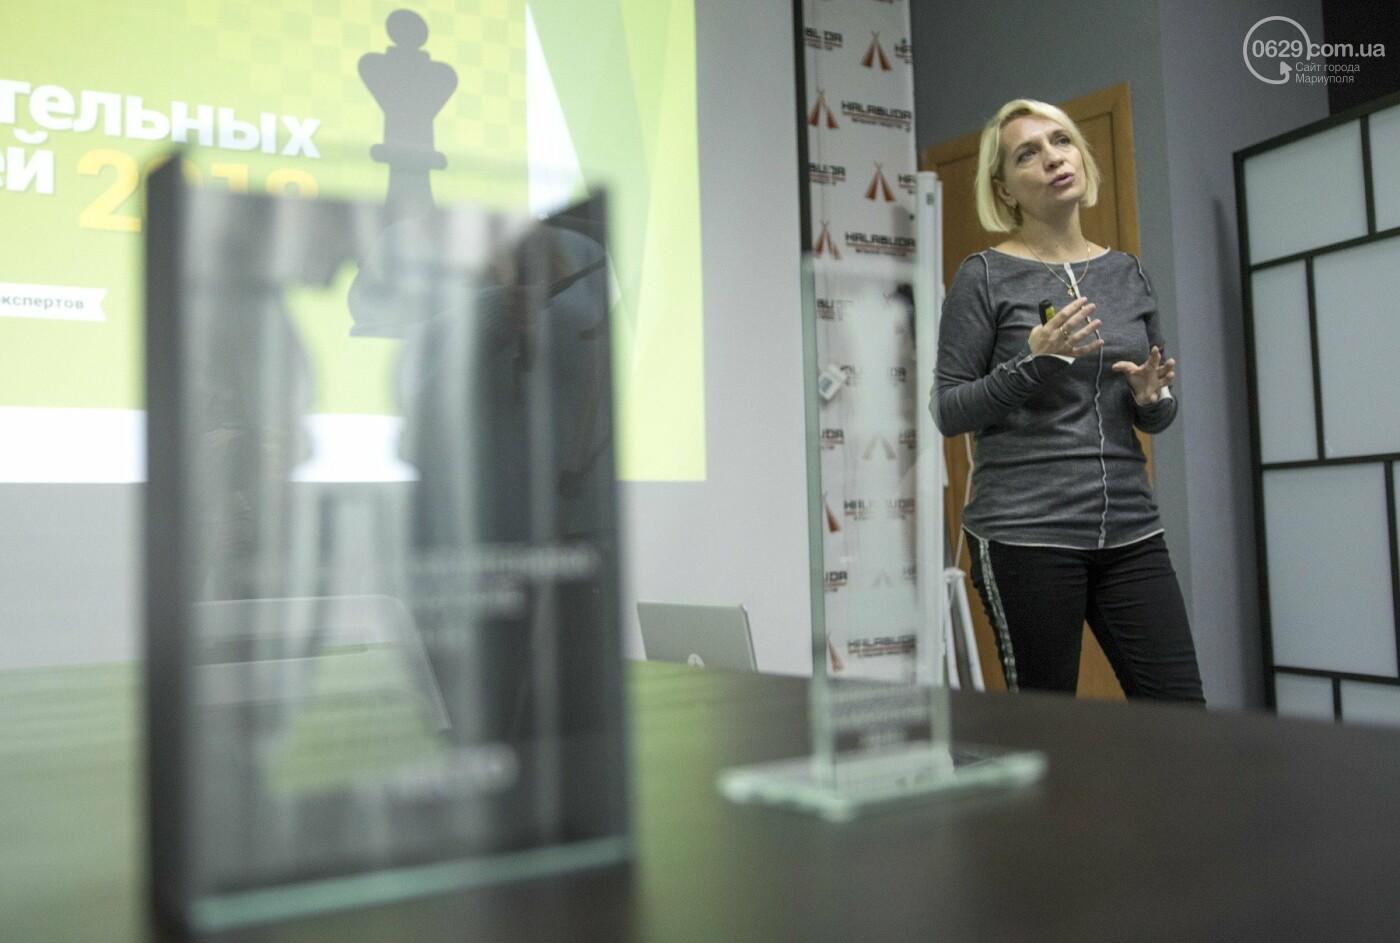 Мариупольский сайт 0629.com.ua презентовал ТОП самых влиятельных людей, - ВИДЕО, ФОТО, фото-1